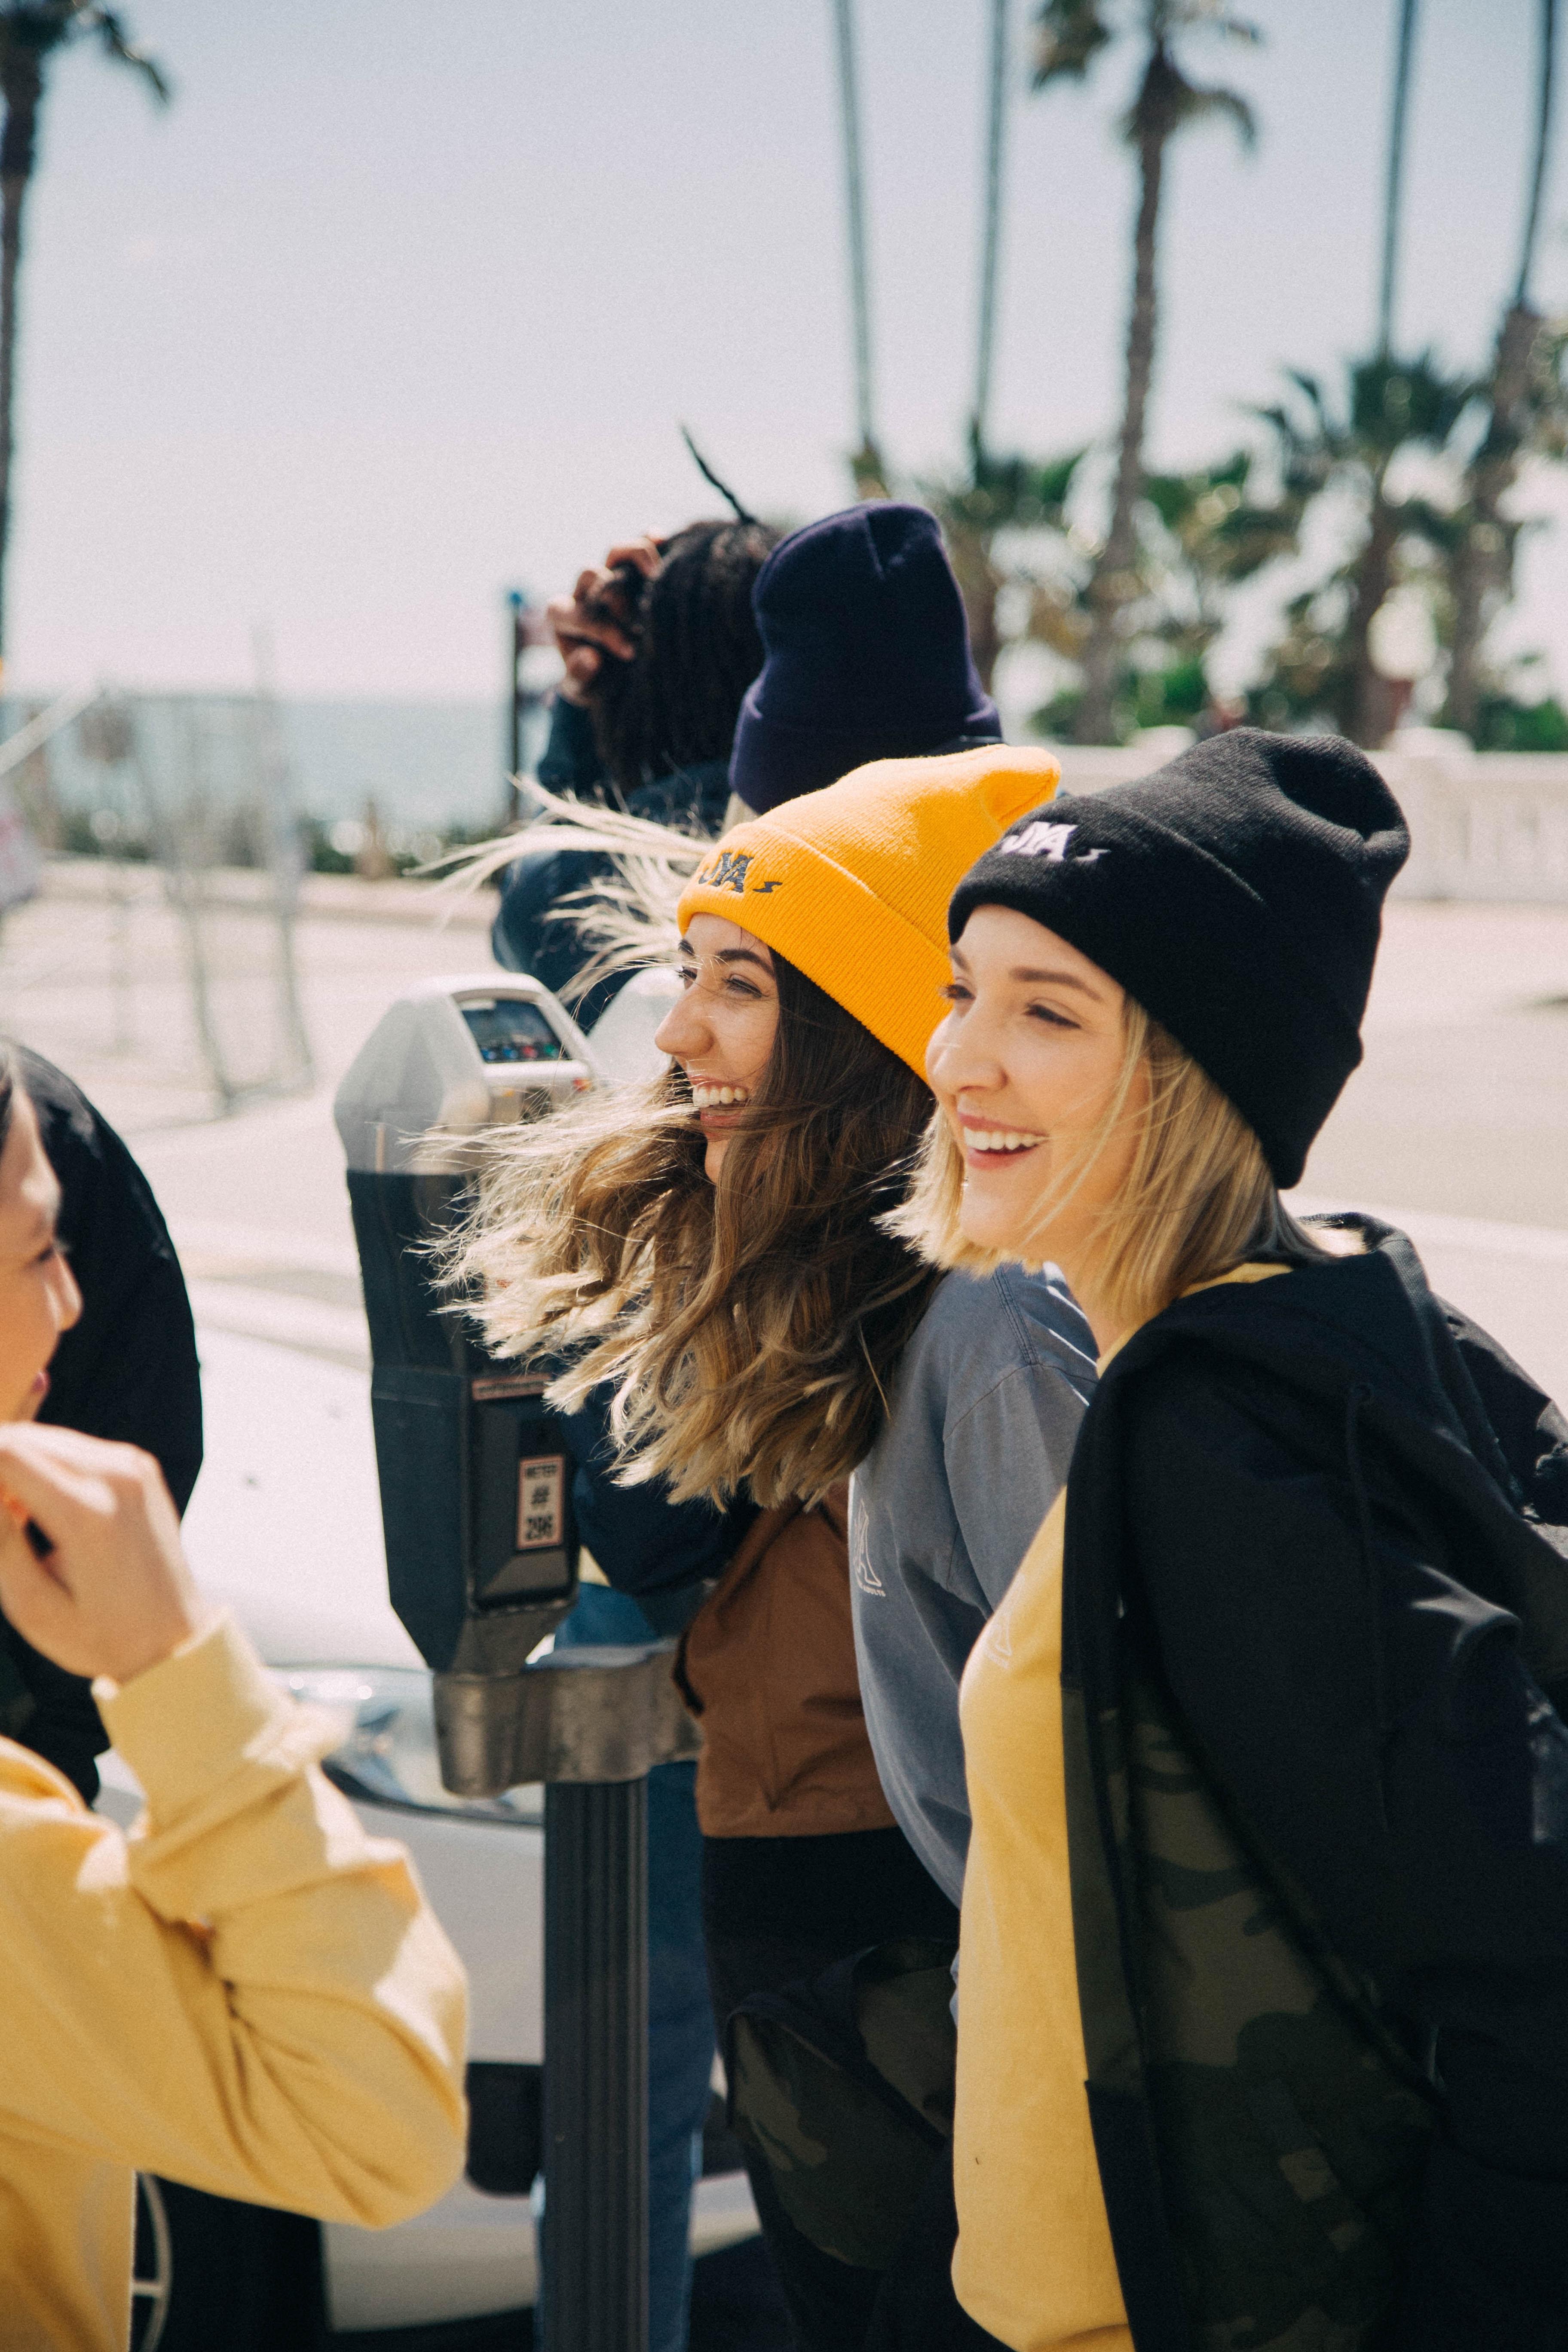 women laughing during daytime